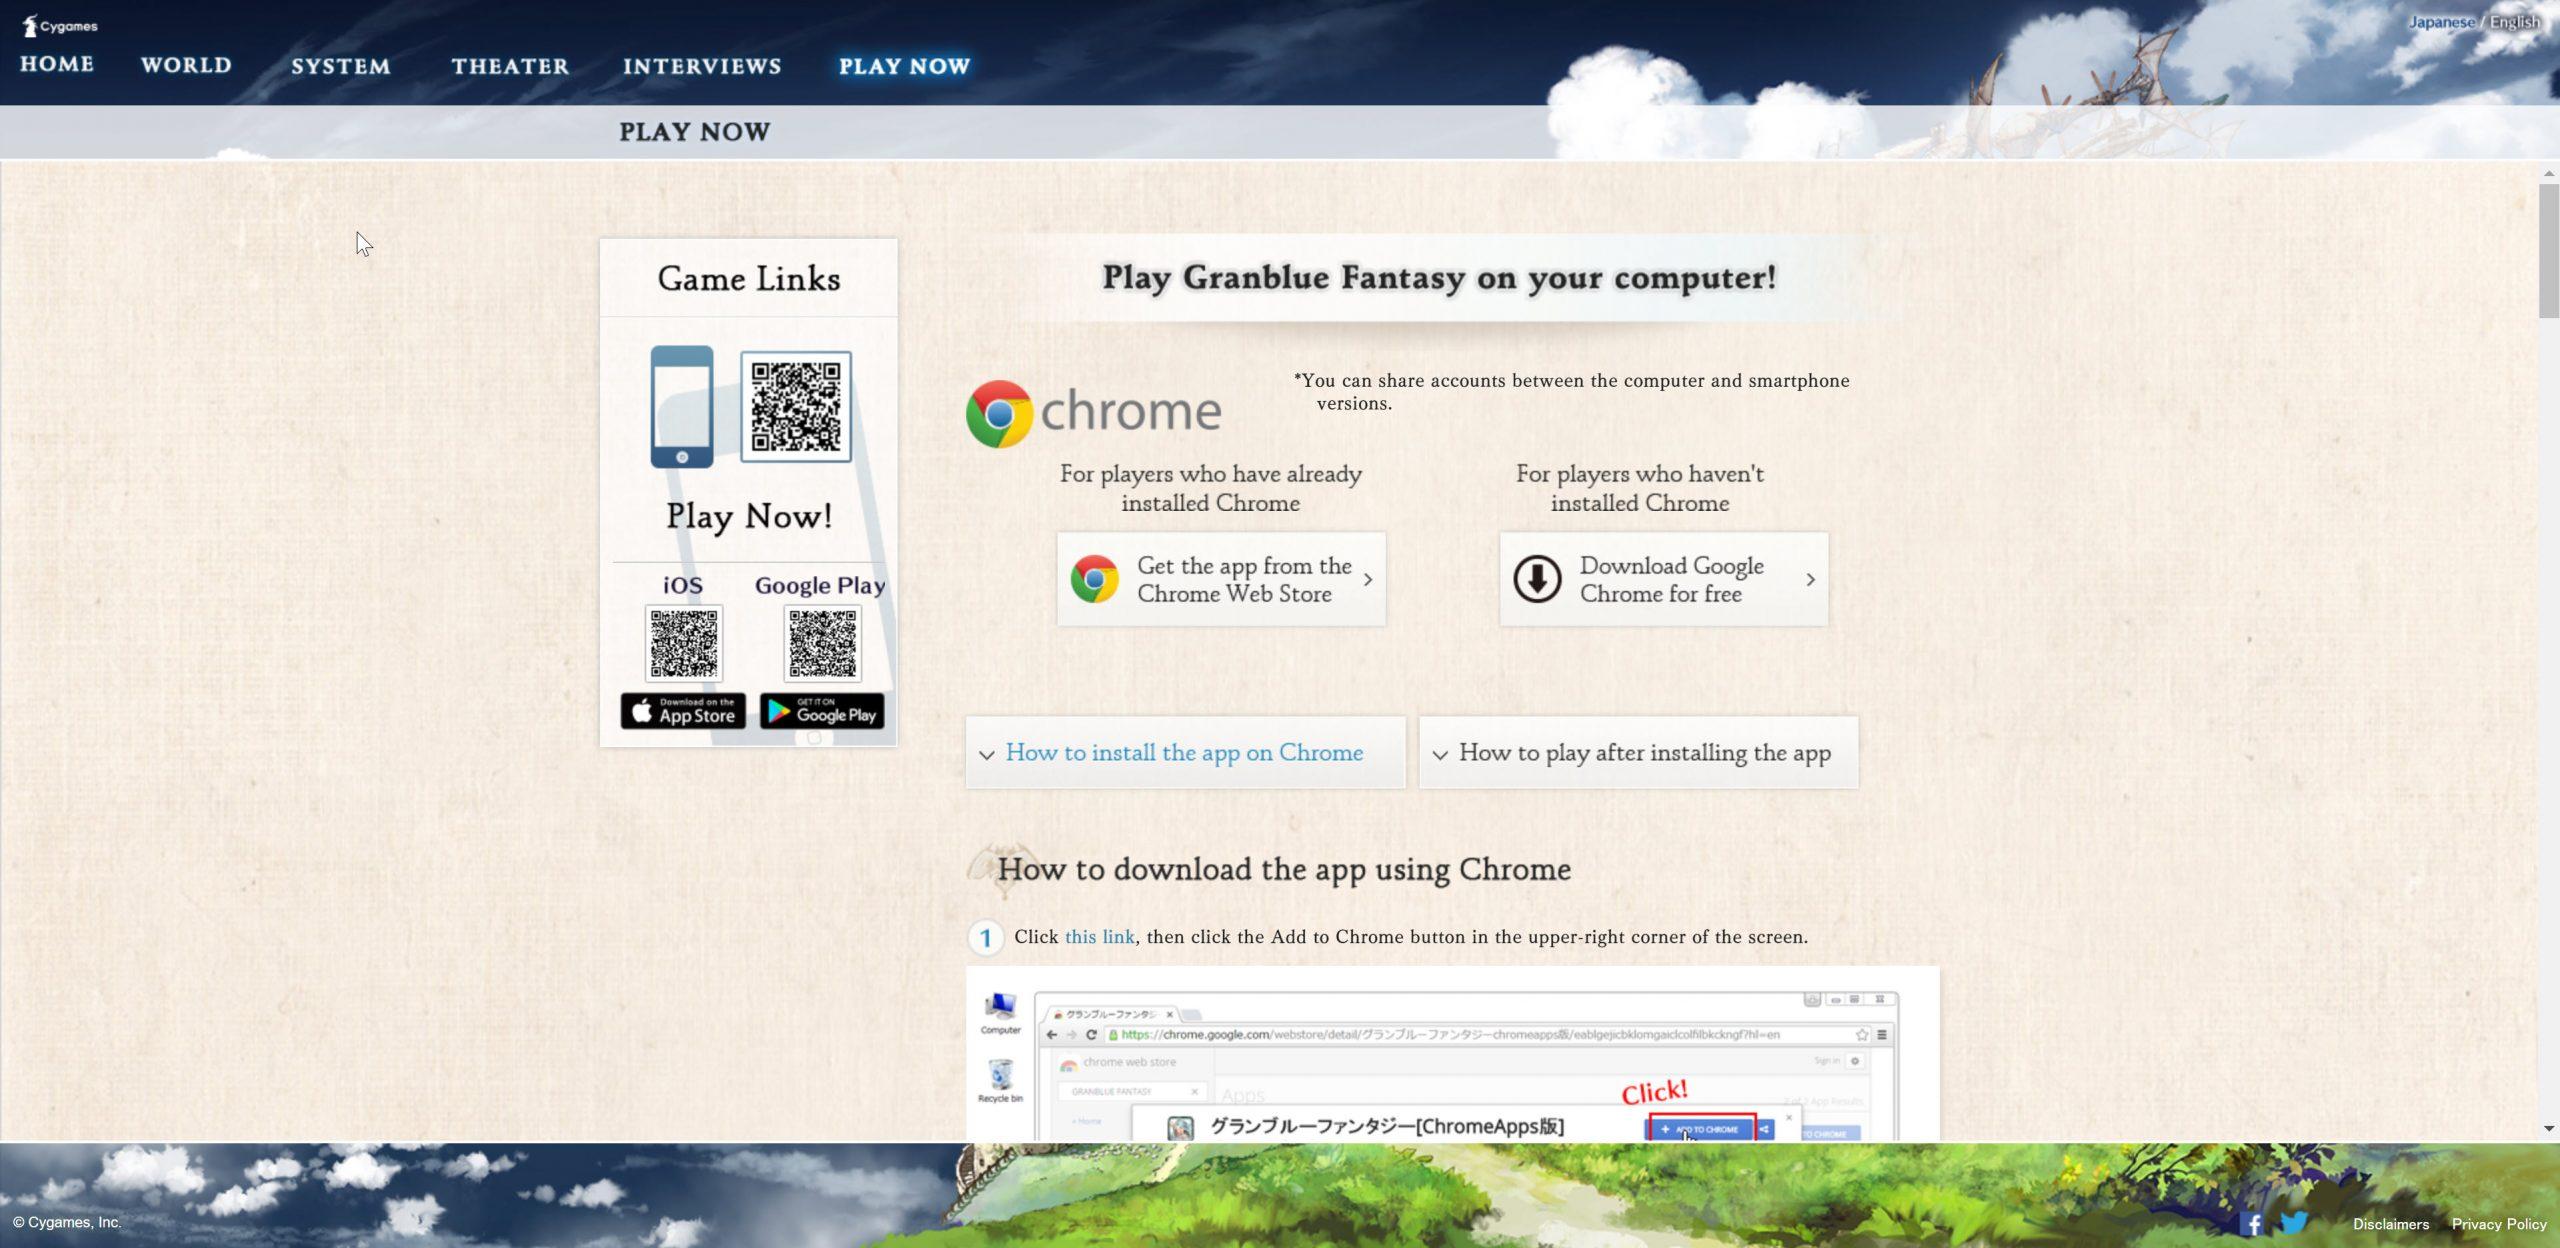 GRANBLUE FANTASY - Come installare e giocare il gioco su smartphone